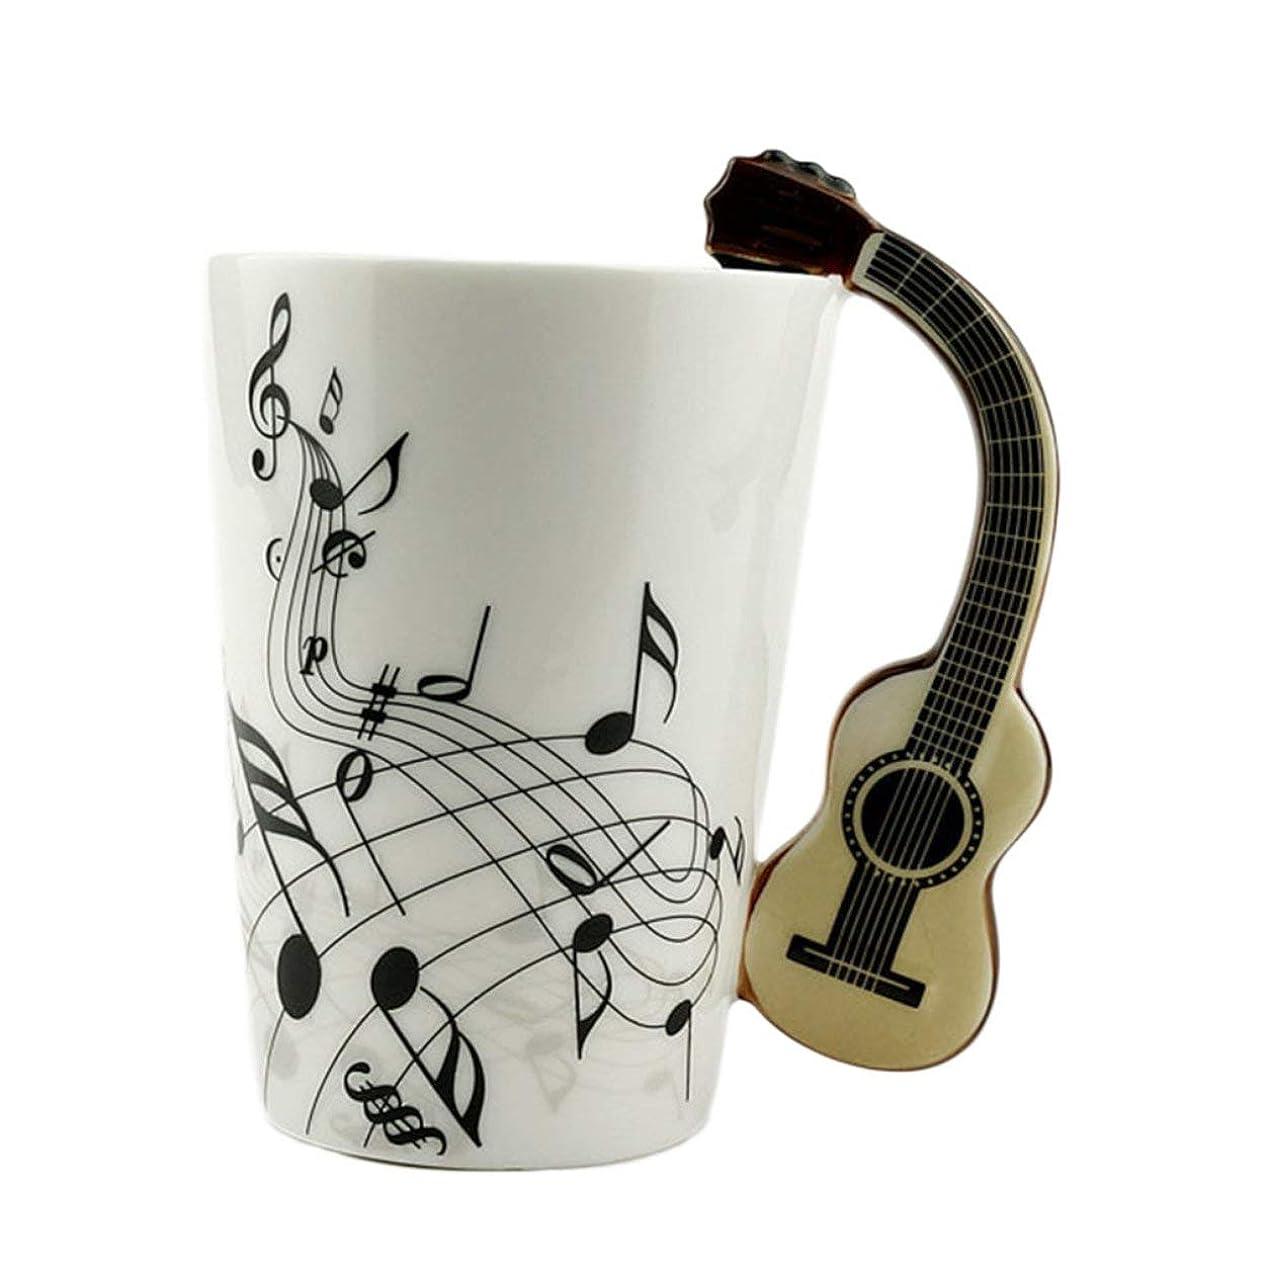 話をする正統派彫刻家Saikogoods ノベルティアートセラミックマグカップ楽器は スタイルのコーヒーミルクカップクリスマスギフトホームオフィスカップ グラスに注意してください。 ホワイトボディギター